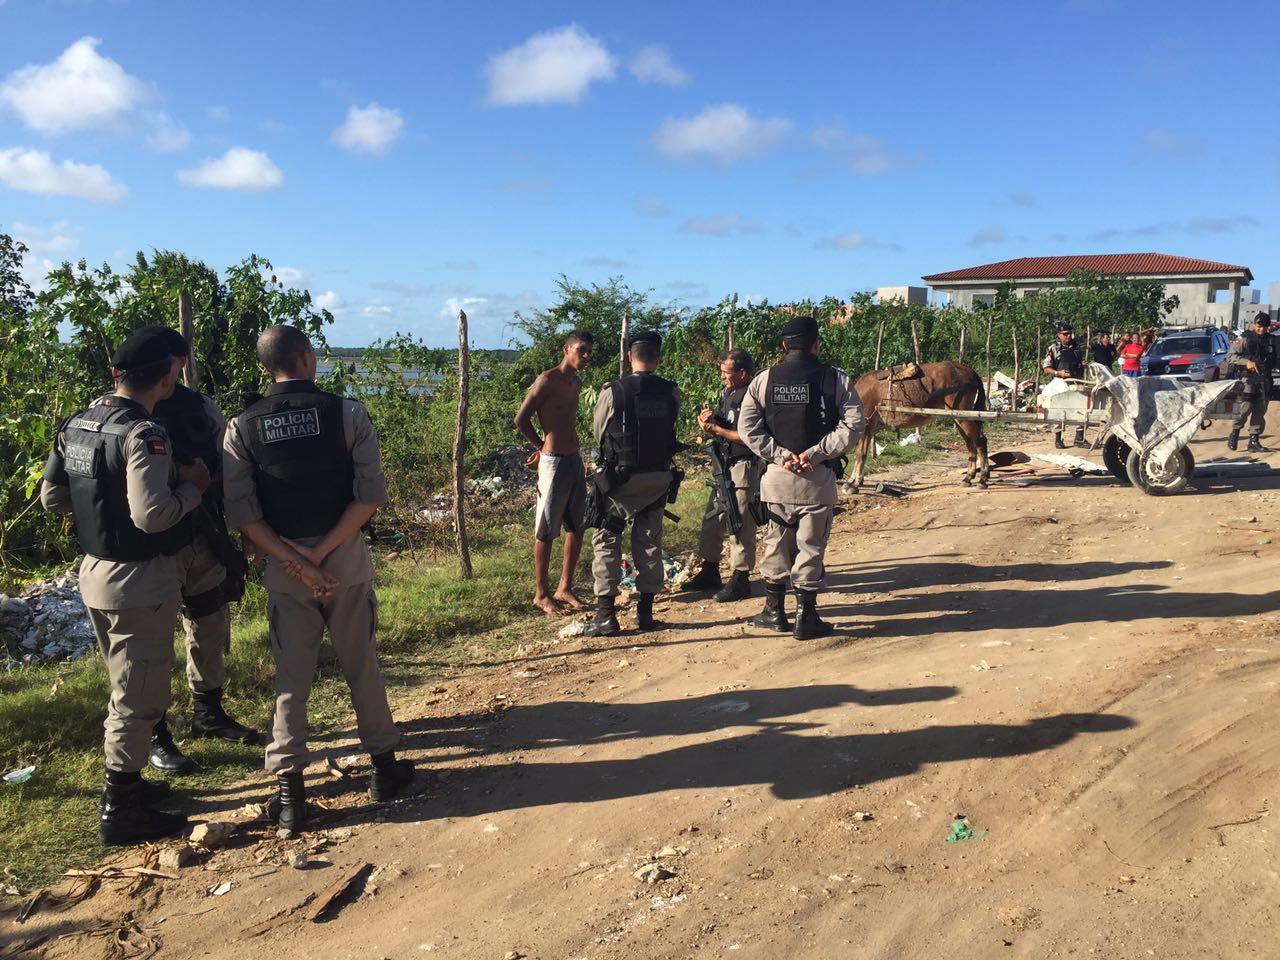 Corpo foi encontrado dentro de carroça, em Mandacaru, João Pessoa (Foto: Walter Paparazzo)